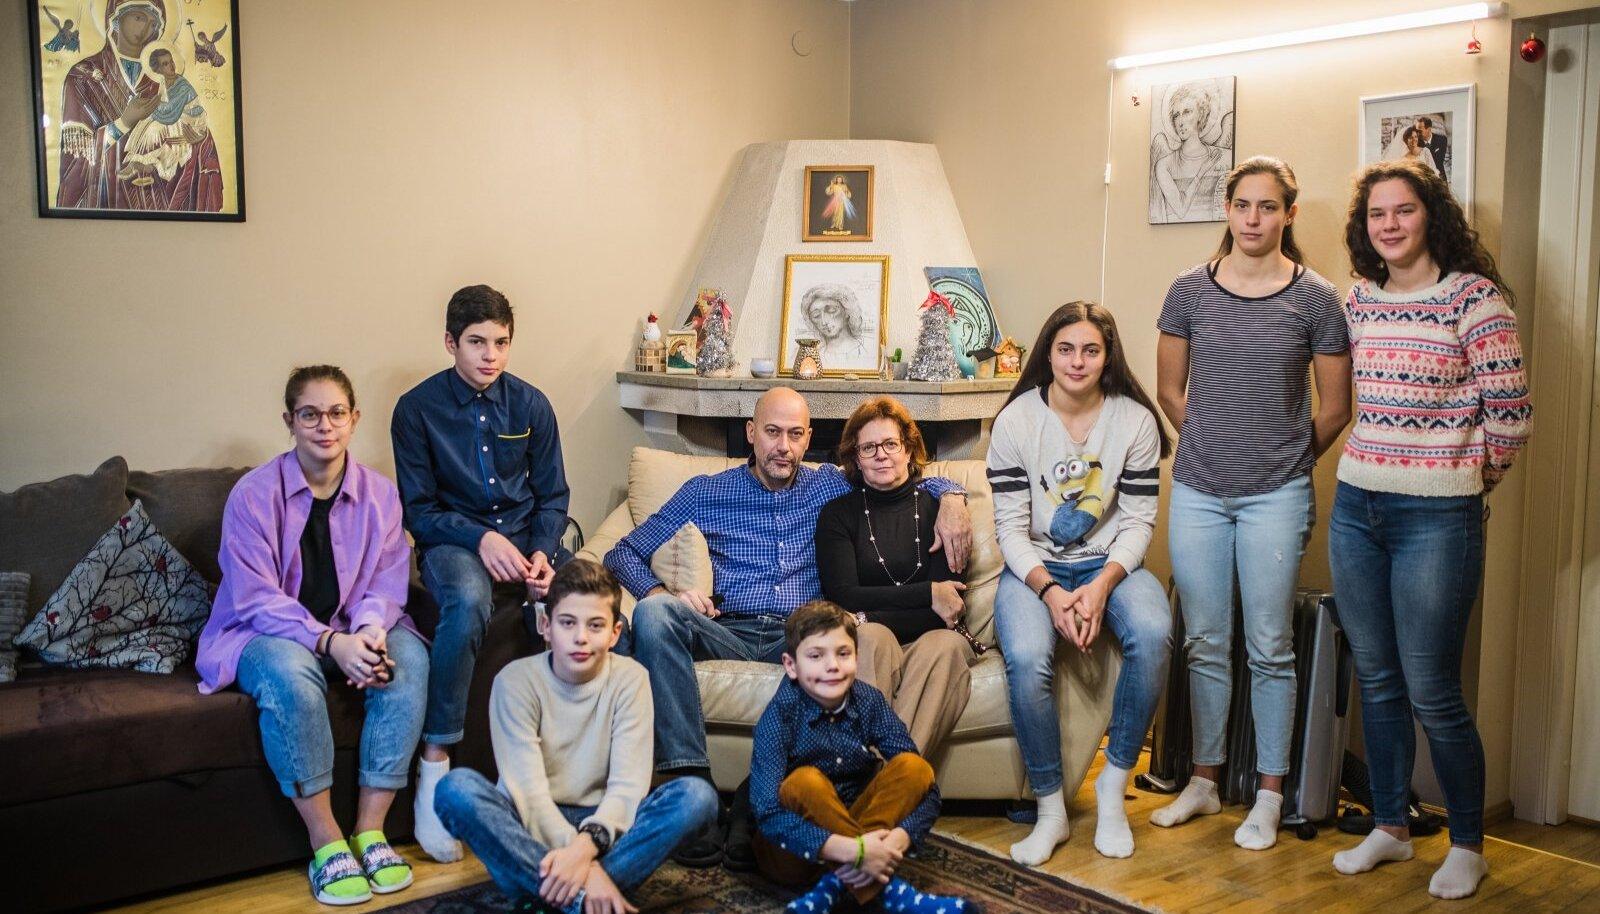 ITAALIA PEREKOND: (vasakult) Elisabetta, Francesco, Andrea, Luciano, Paolo, Katia, Caterina, Miryam ja Chiara. Puudu on vanim poeg Pietro, kes on Tartus.